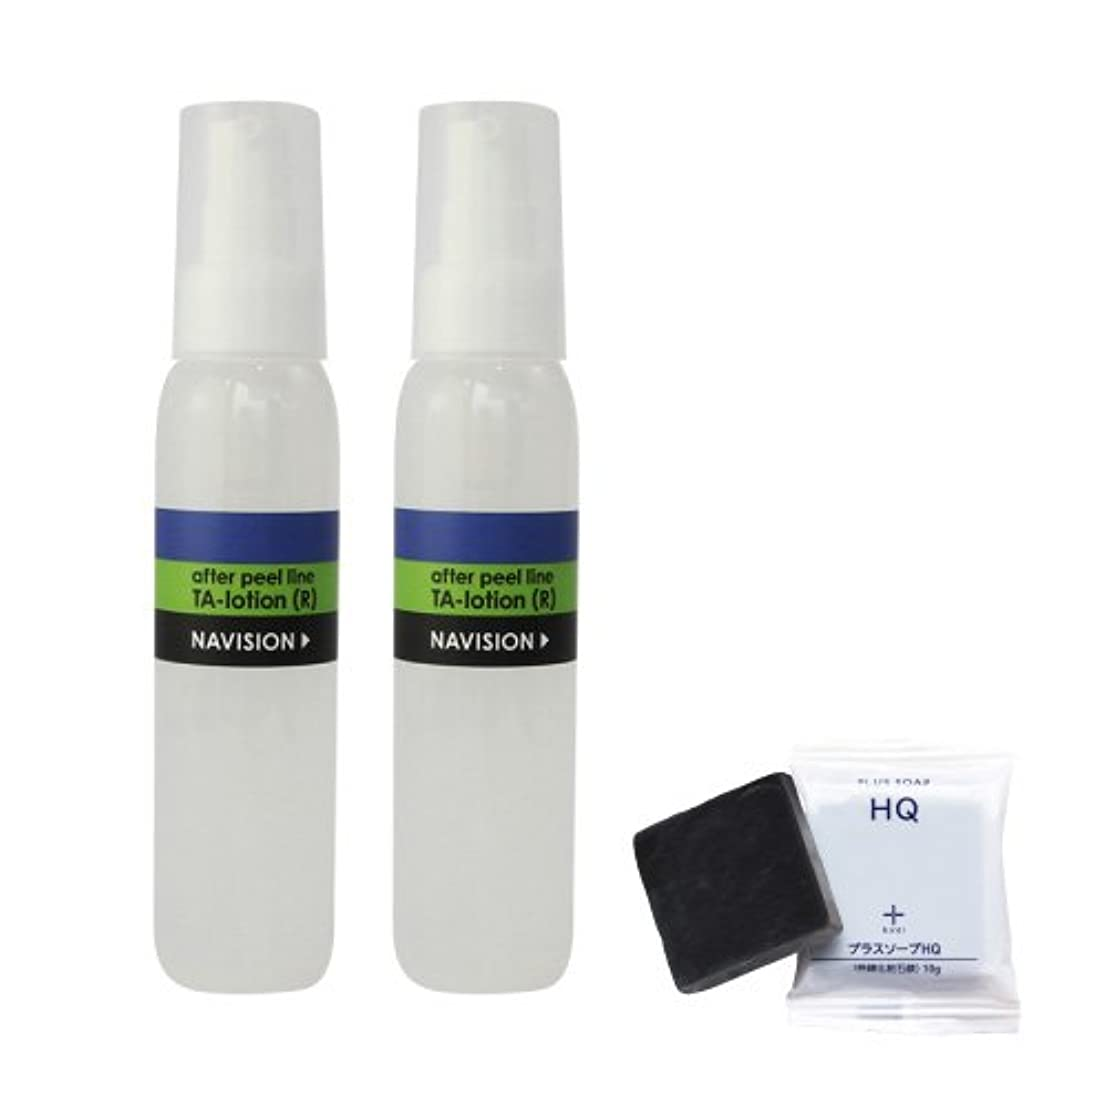 ミスペンドランタン下着ナビジョン TAローション(R)(医薬部外品)2本+プラスソープHQミニ